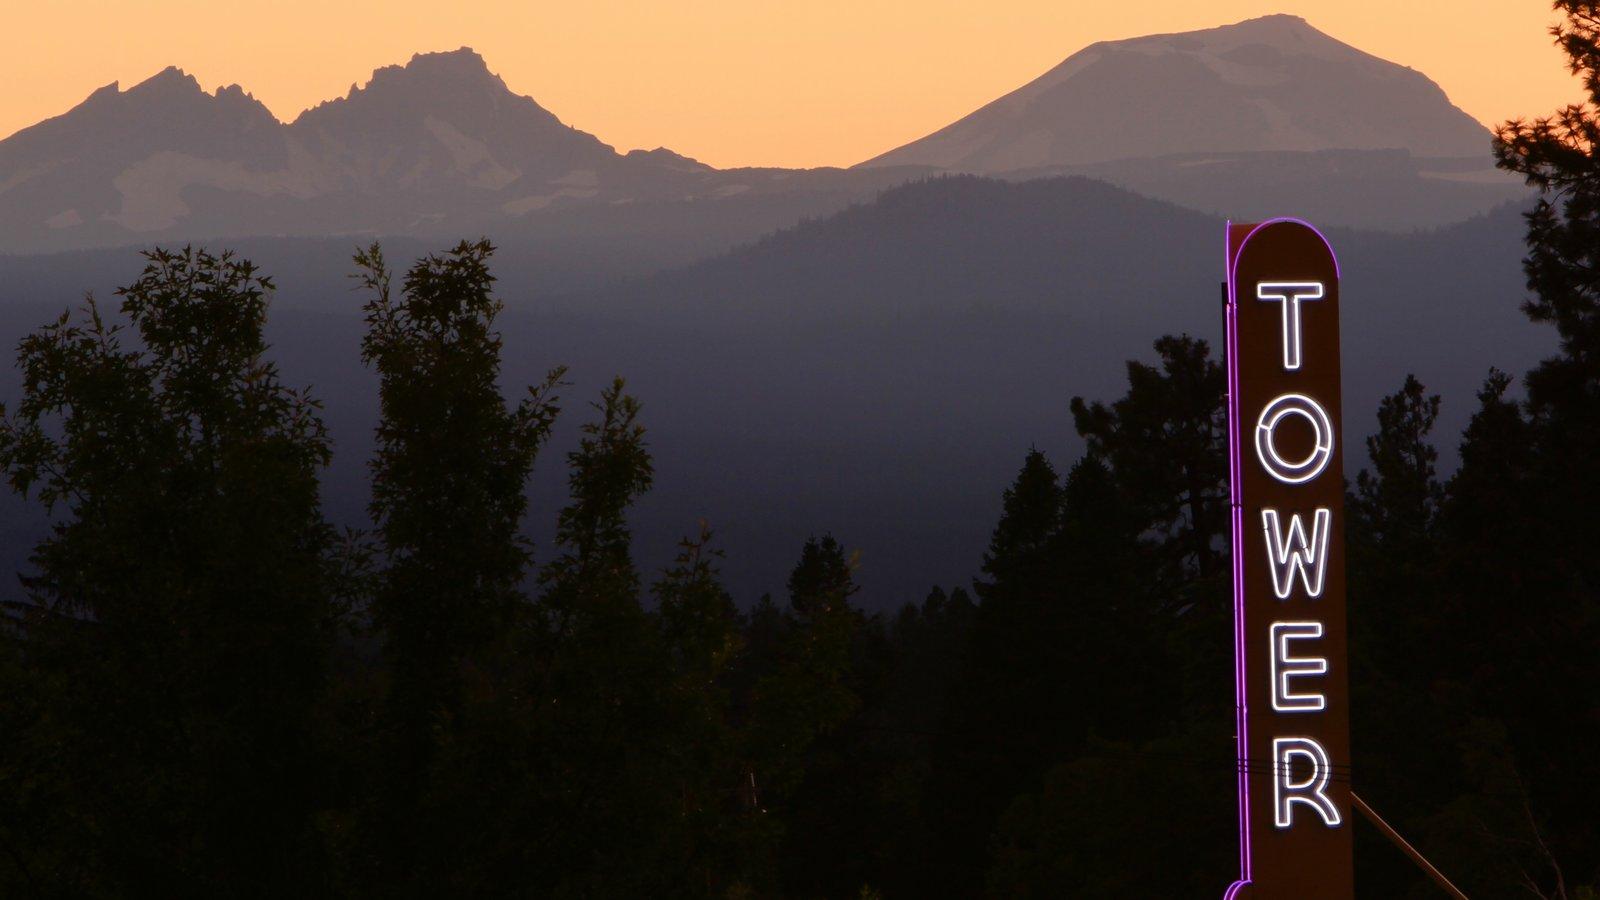 Bend mostrando señalización, montañas y una puesta de sol